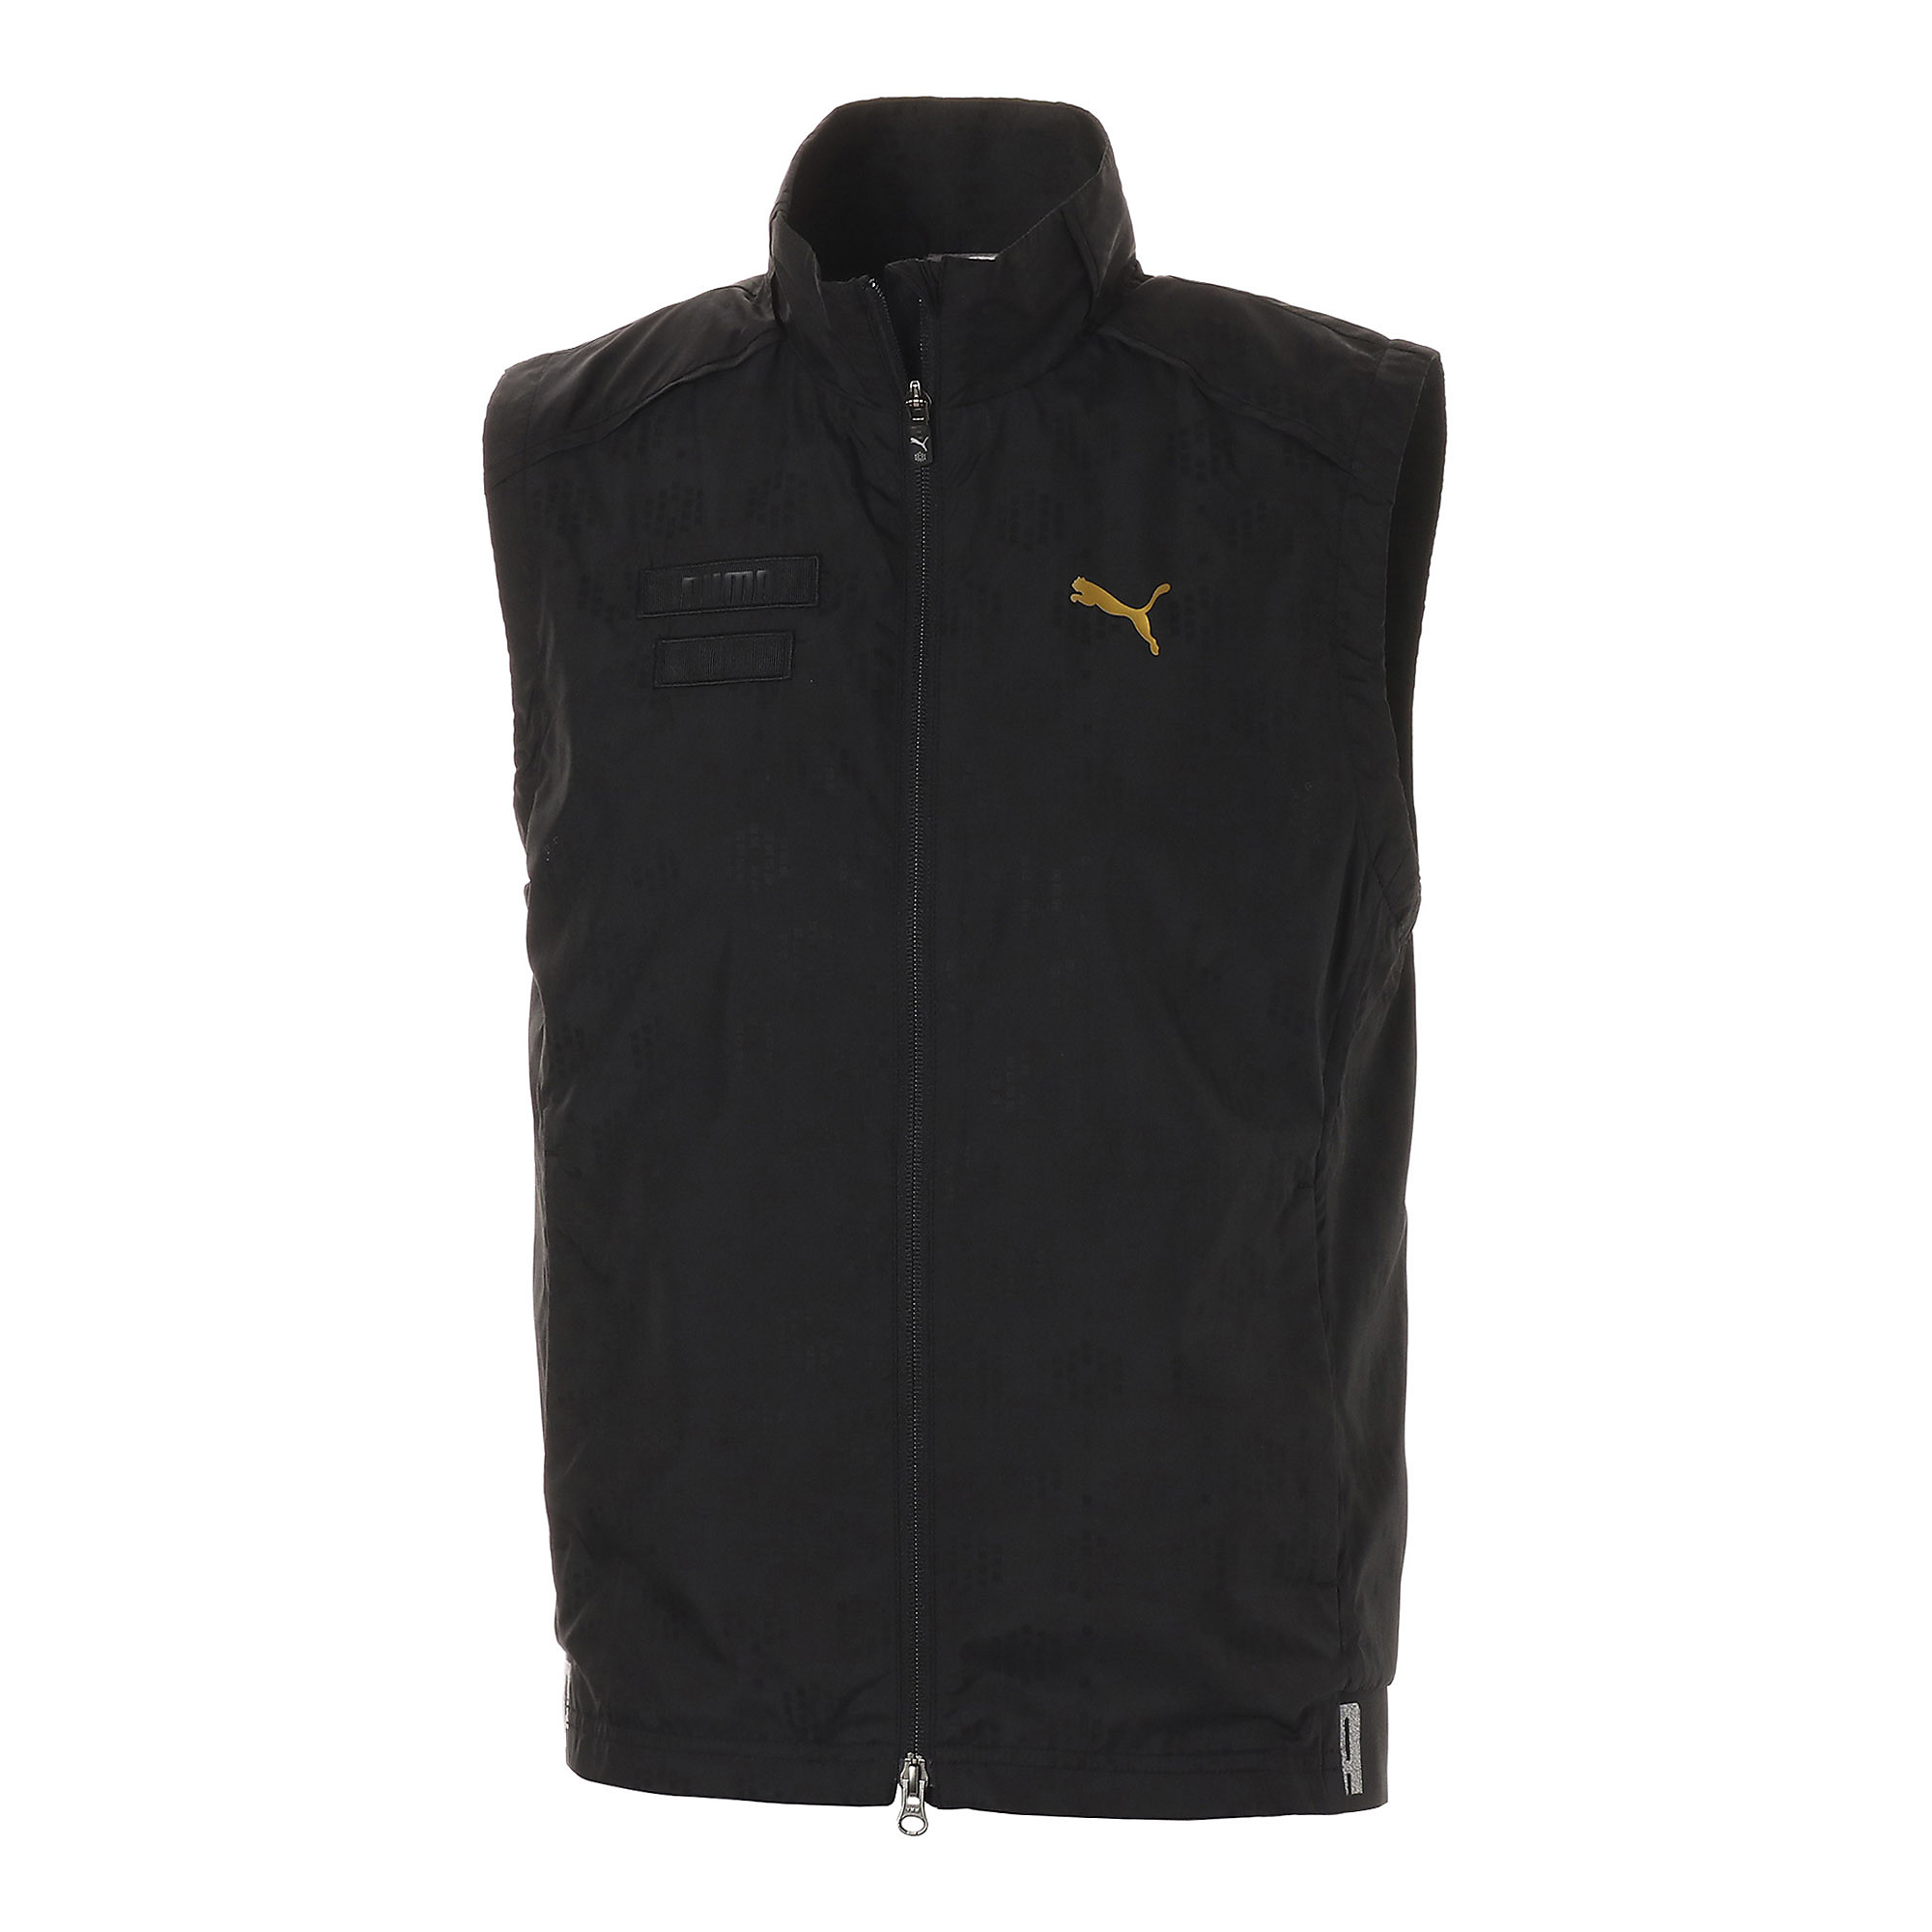 【プーマ公式通販】 プーマ ゴルフ ウィンド ベスト メンズ Puma Black |PUMA.com